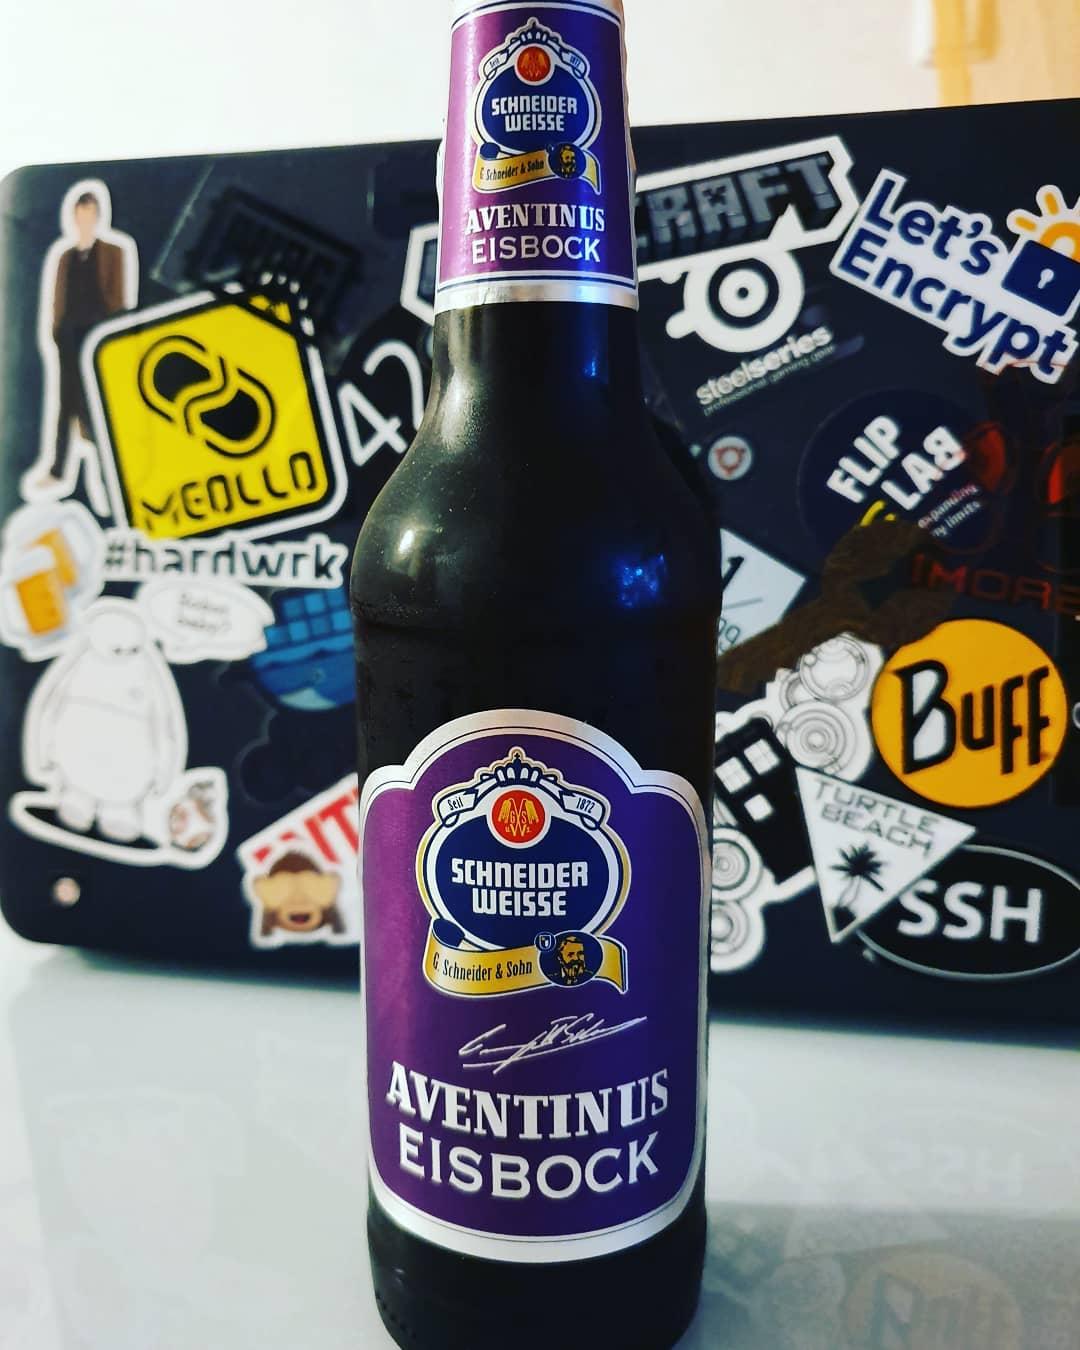 #craftbeer post of the day  #bier #beer #beerlovers